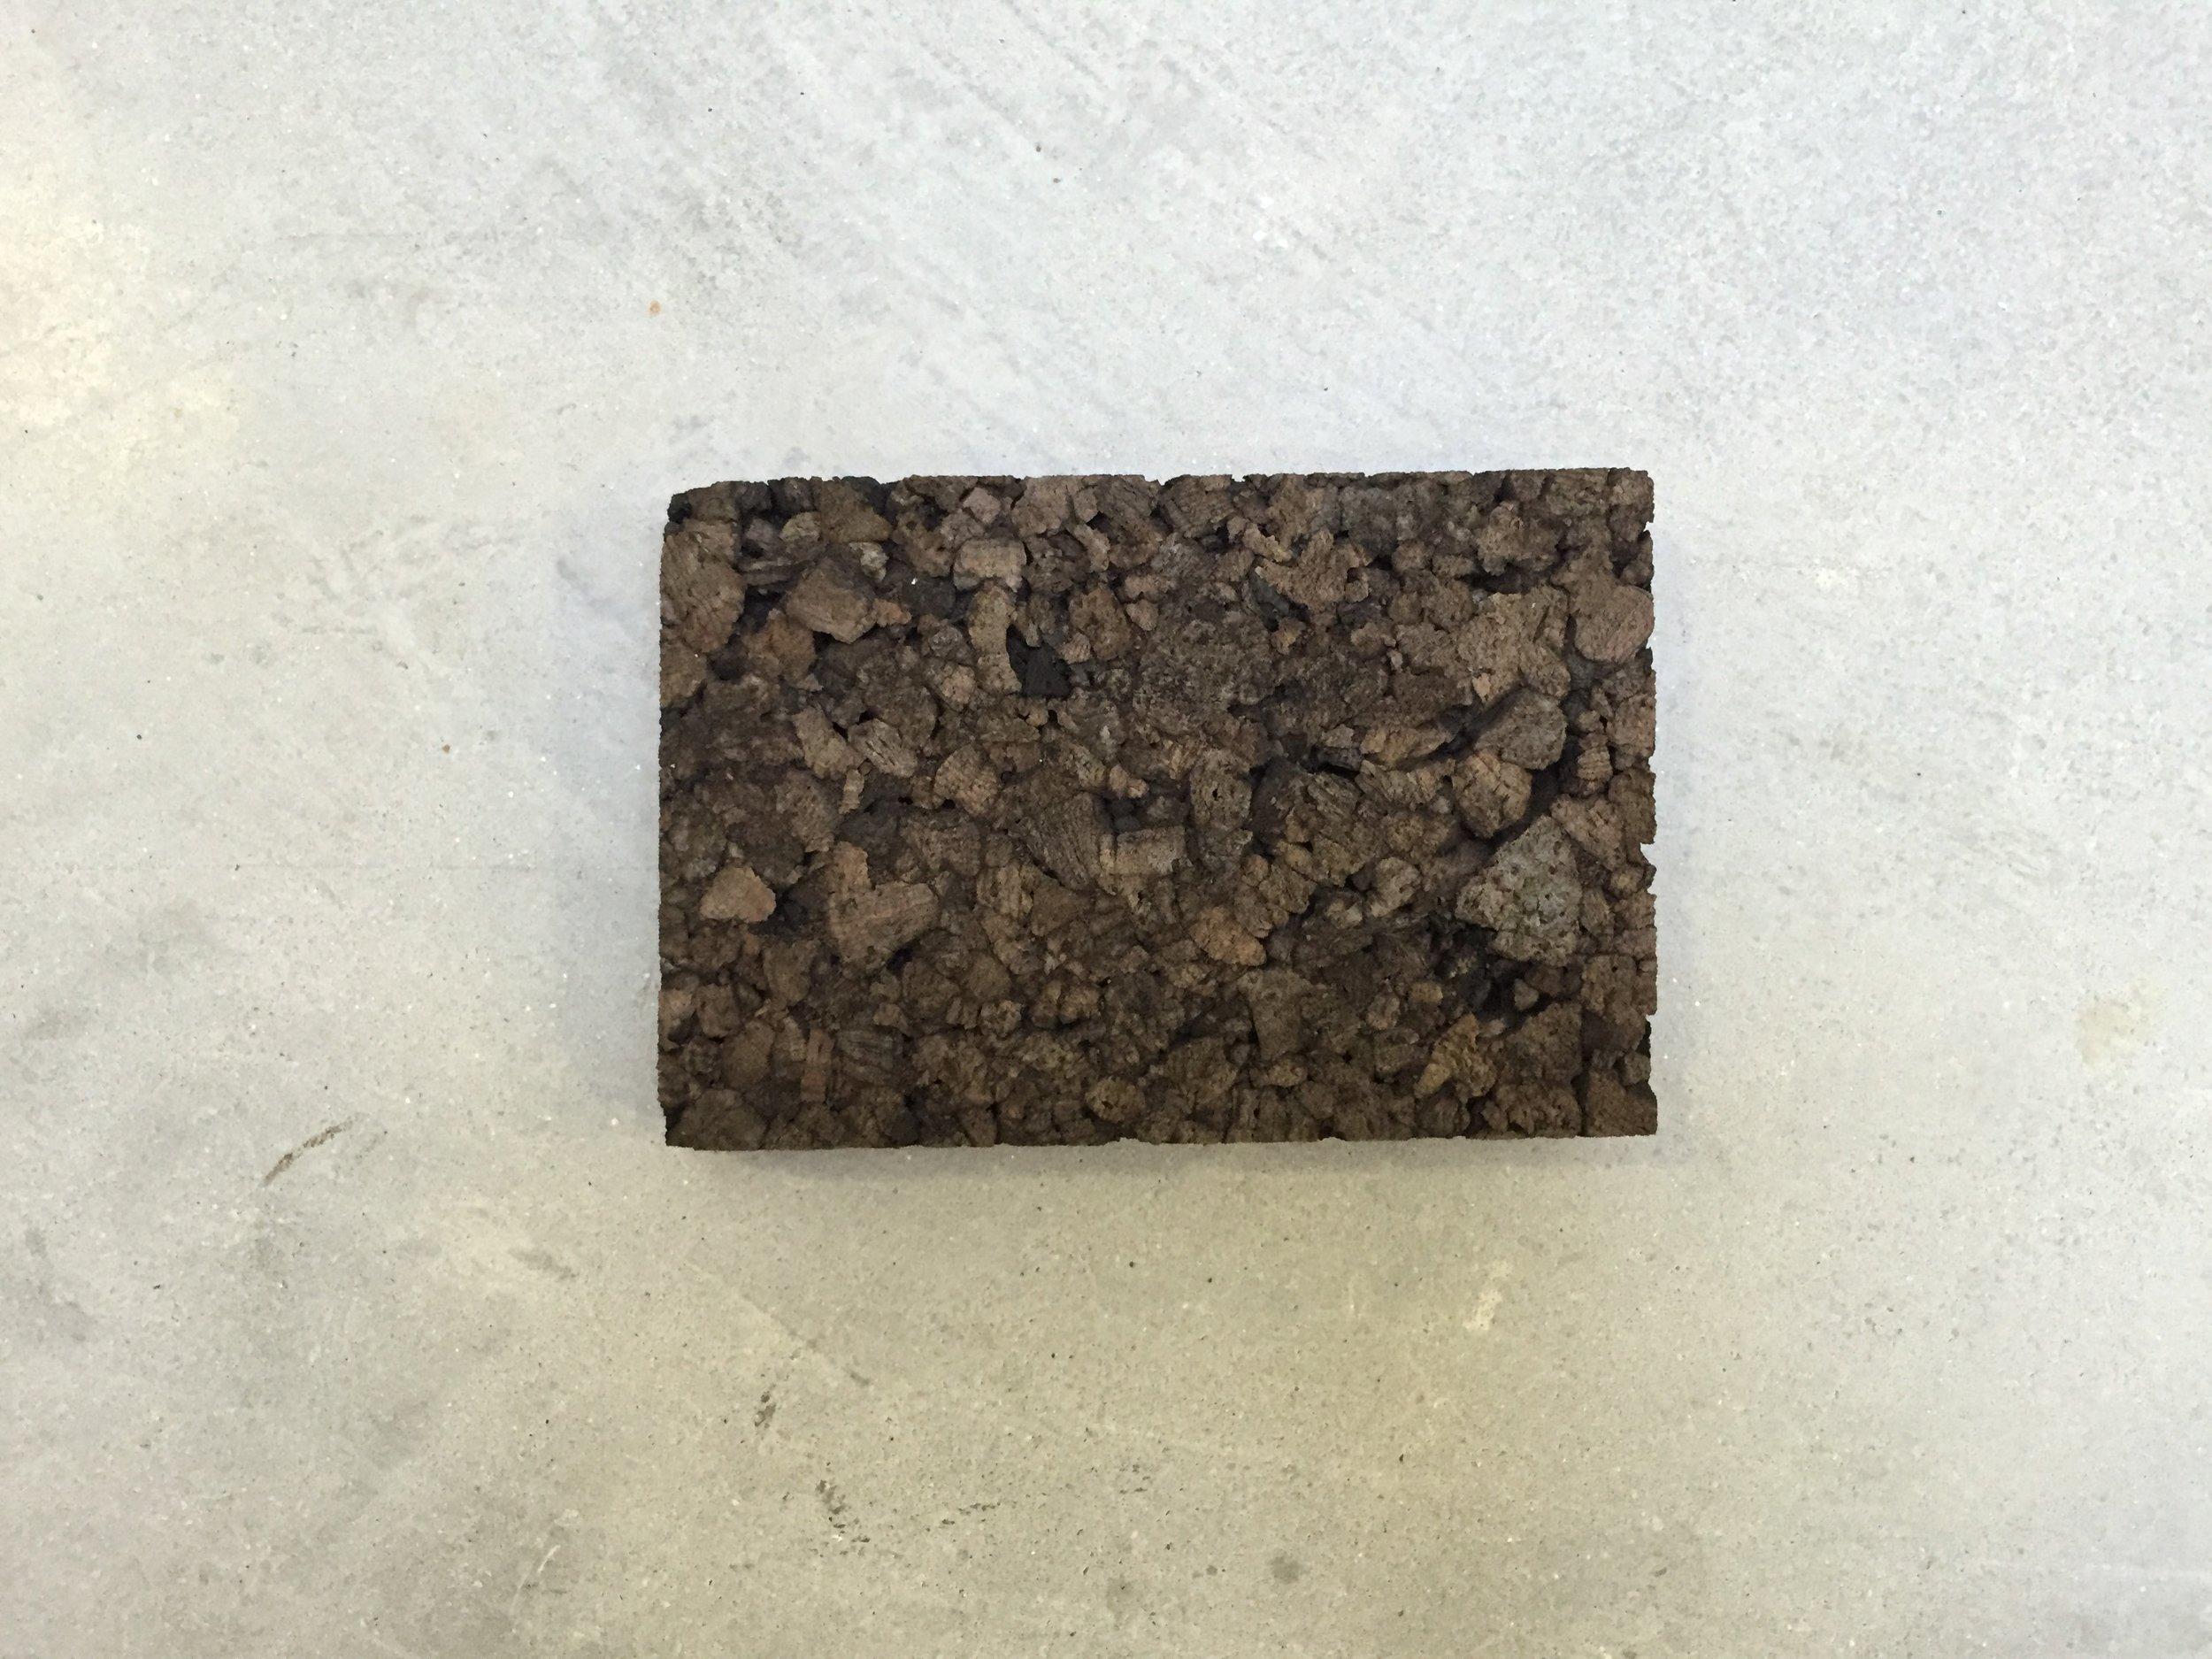 013 Lightweight cork .JPG